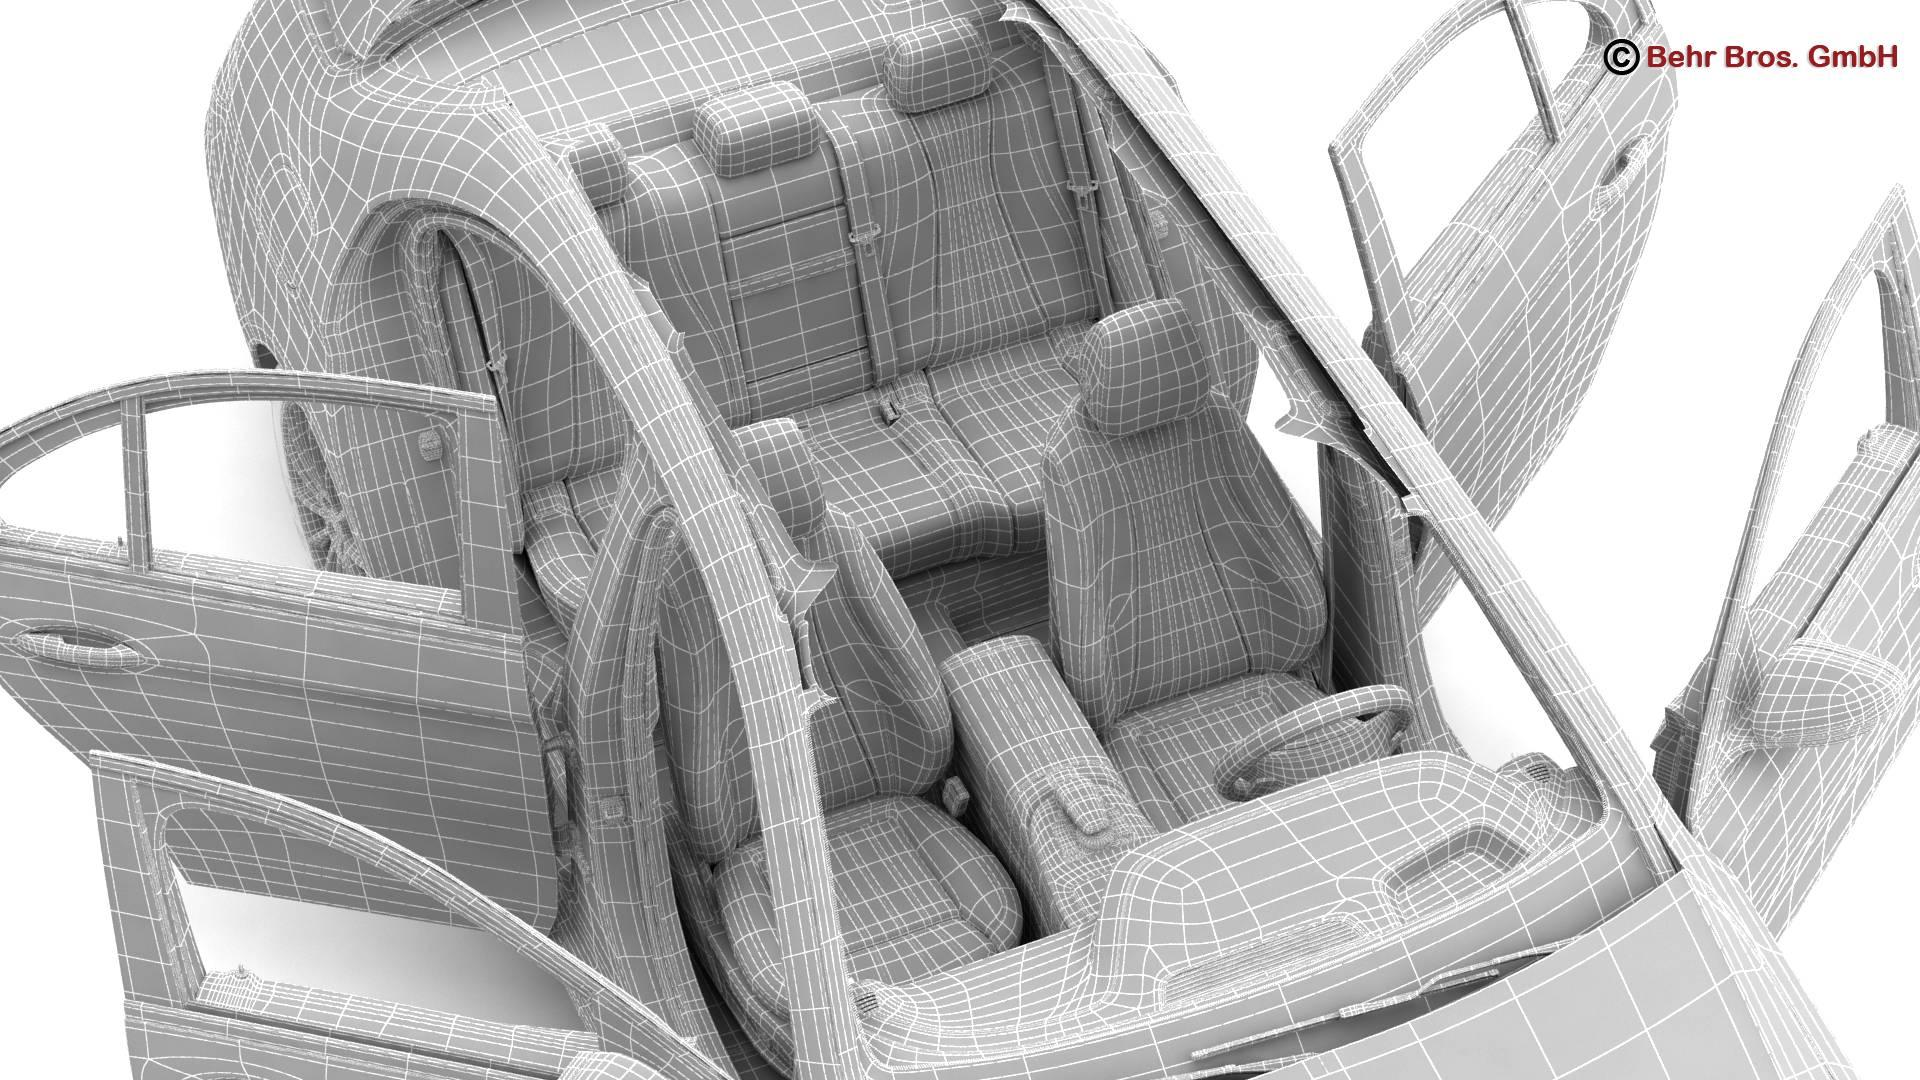 mercedes e class avantgarde 2017 3d model 3ds max fbx c4d lwo ma mb obj 221825